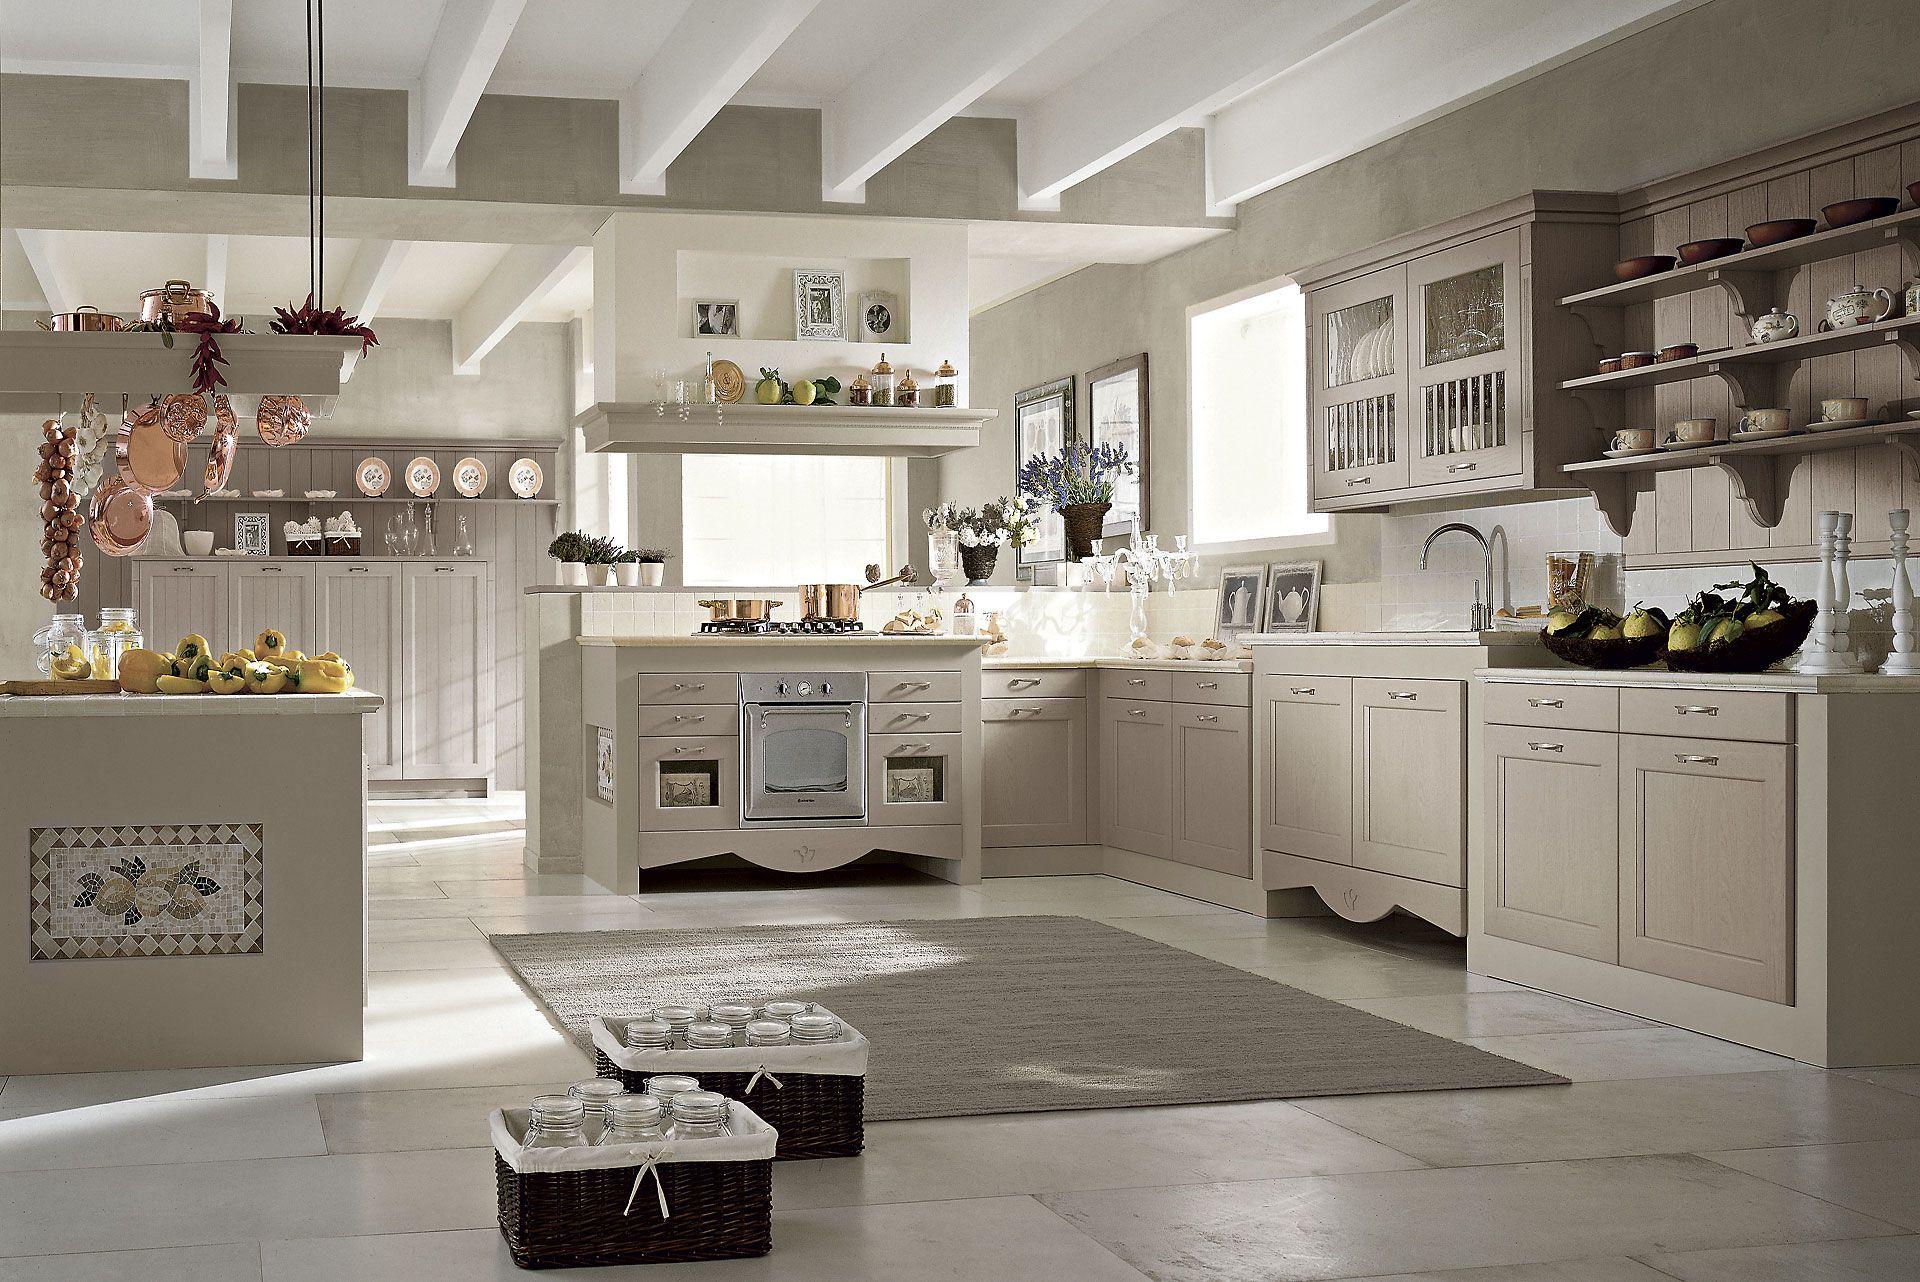 Arredamento cucine in muratura cucine moderne cucine